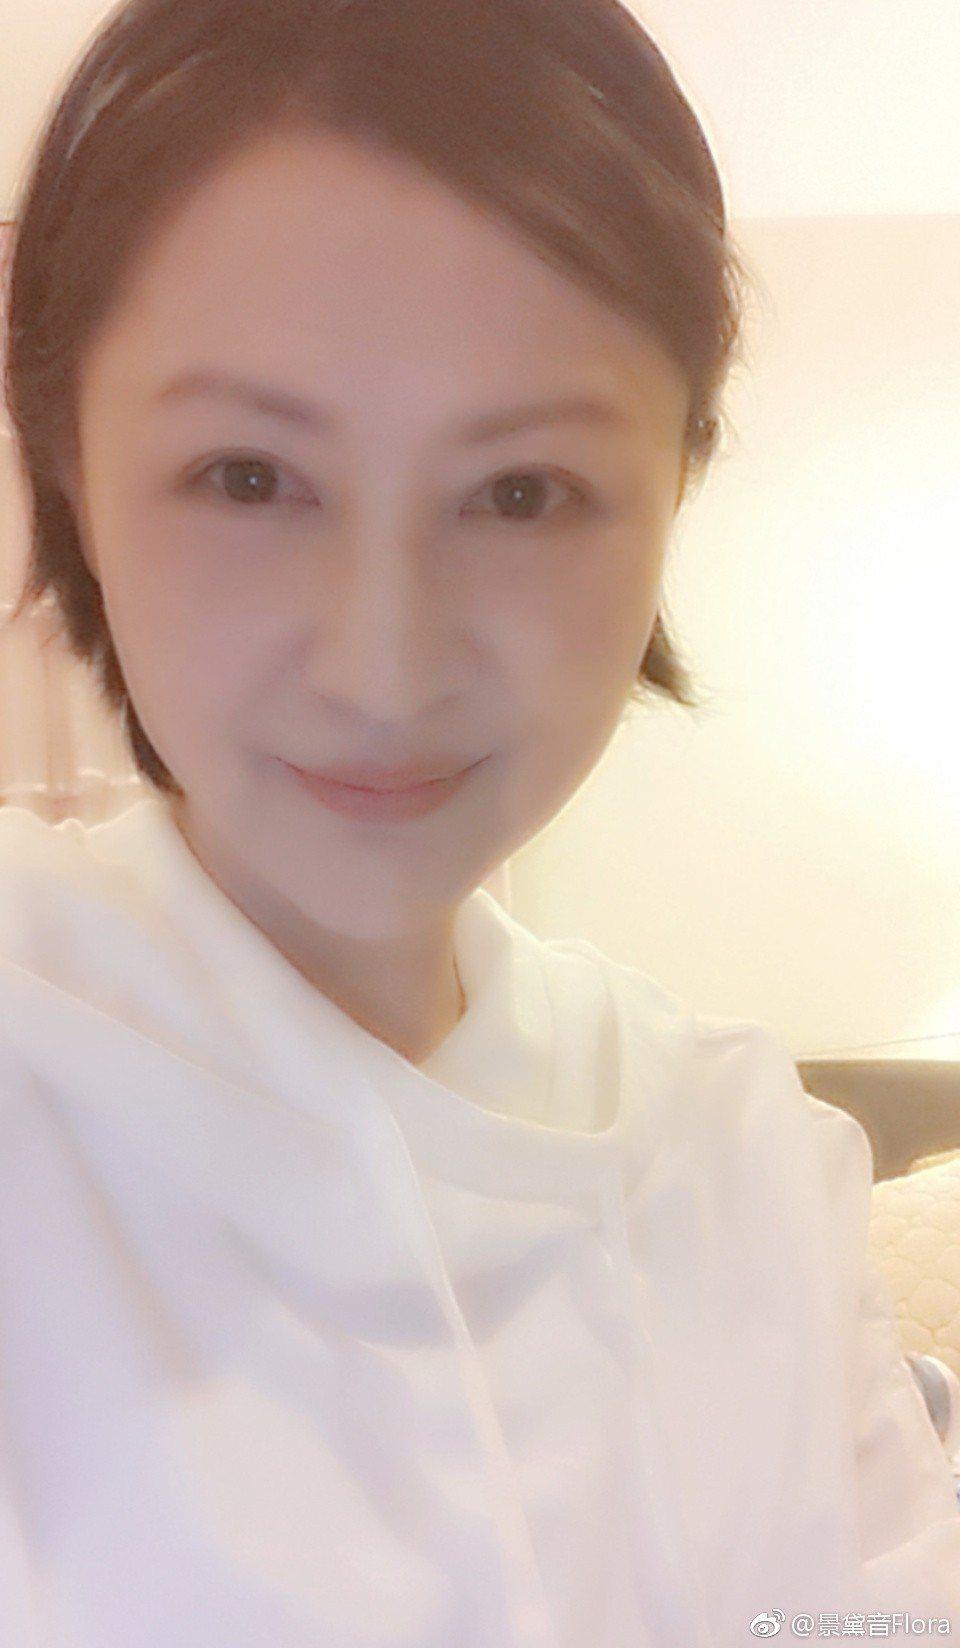 景黛音近年來喜歡發布自拍照,也被稱為美魔女。圖/摘自微博